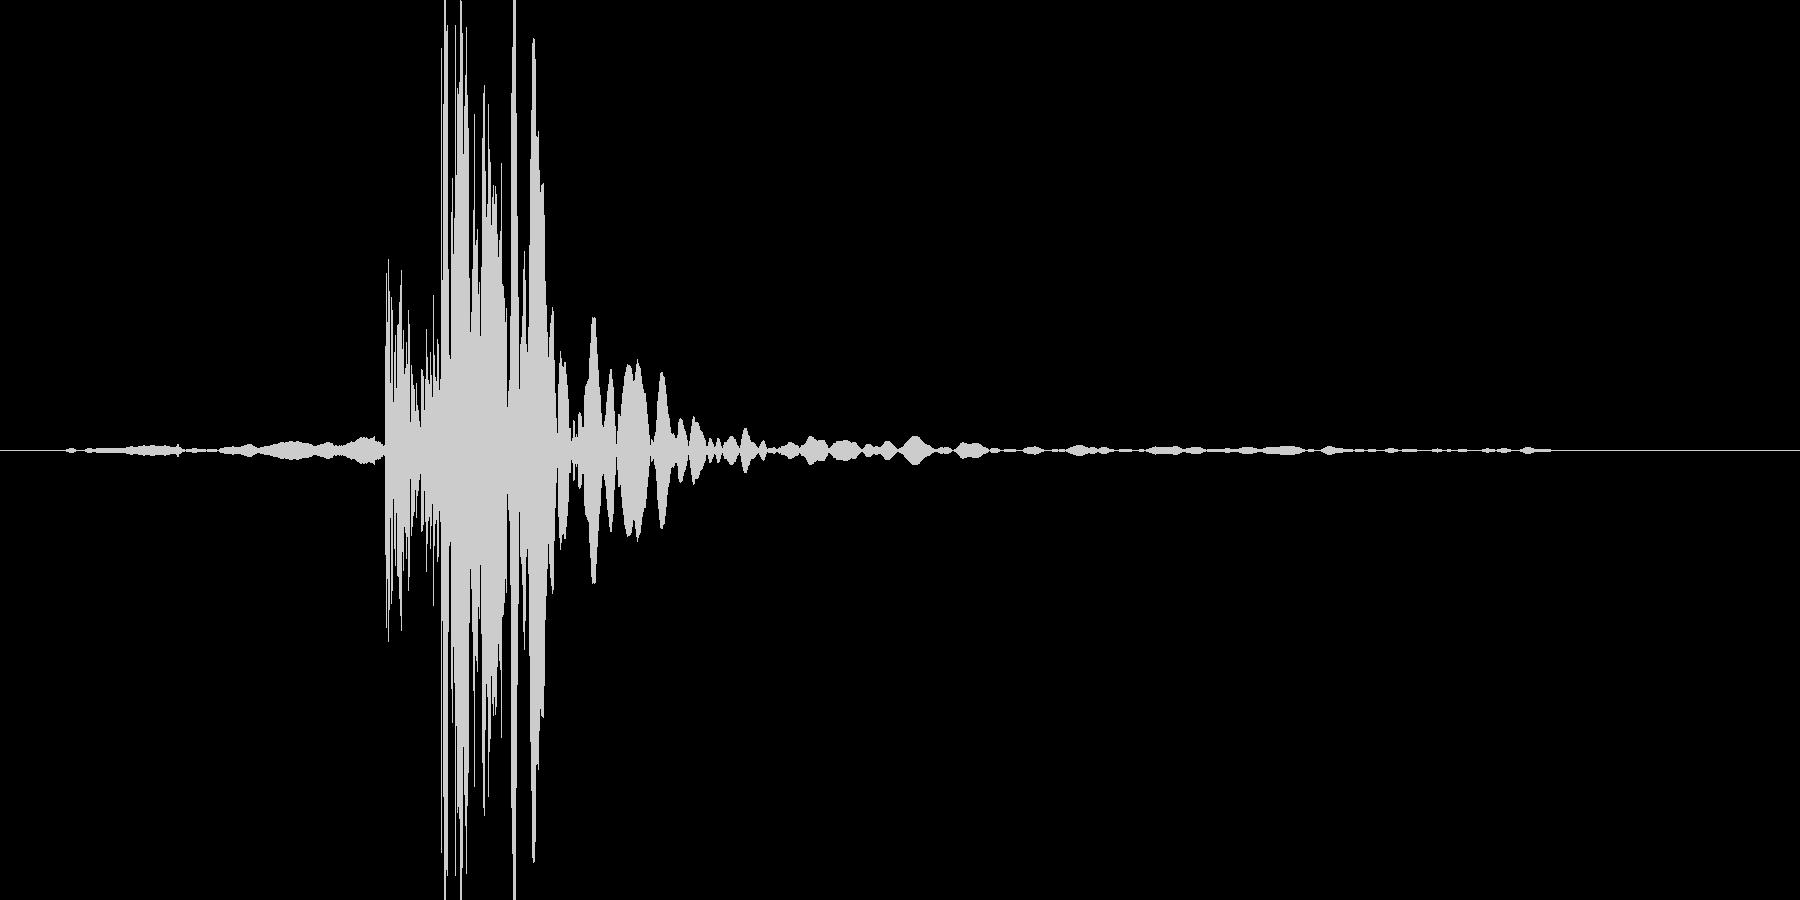 バン(車のドアを閉める音)の未再生の波形